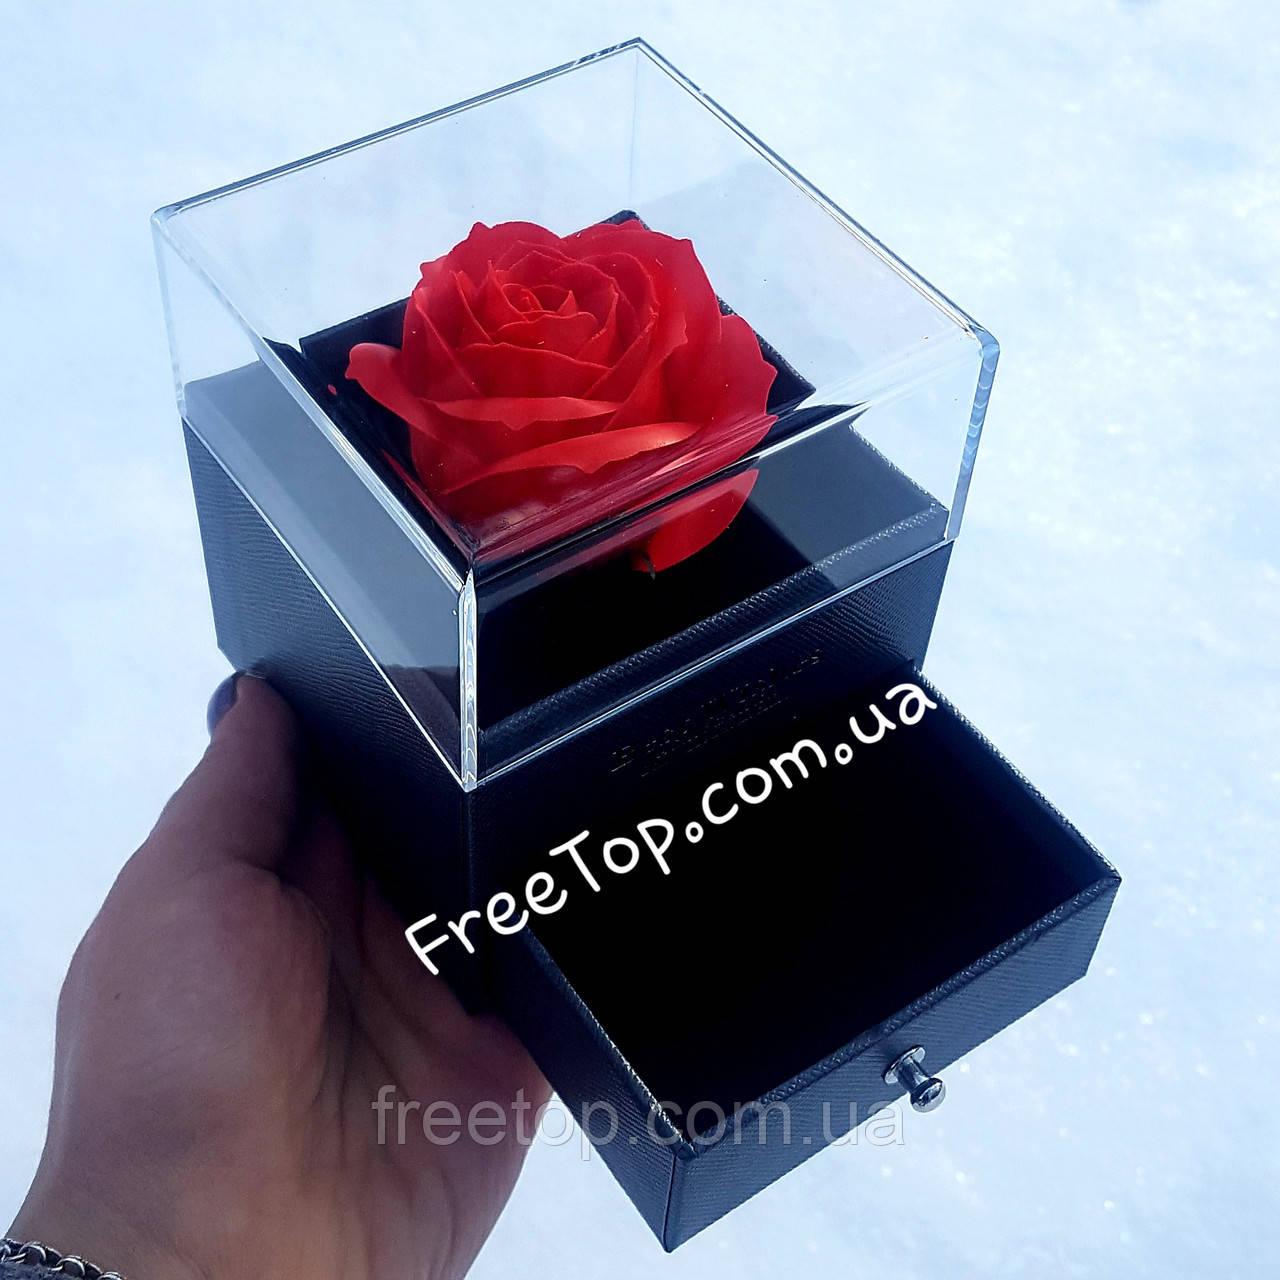 Набір мило з троянд у подарунковій скриньці для прикрас